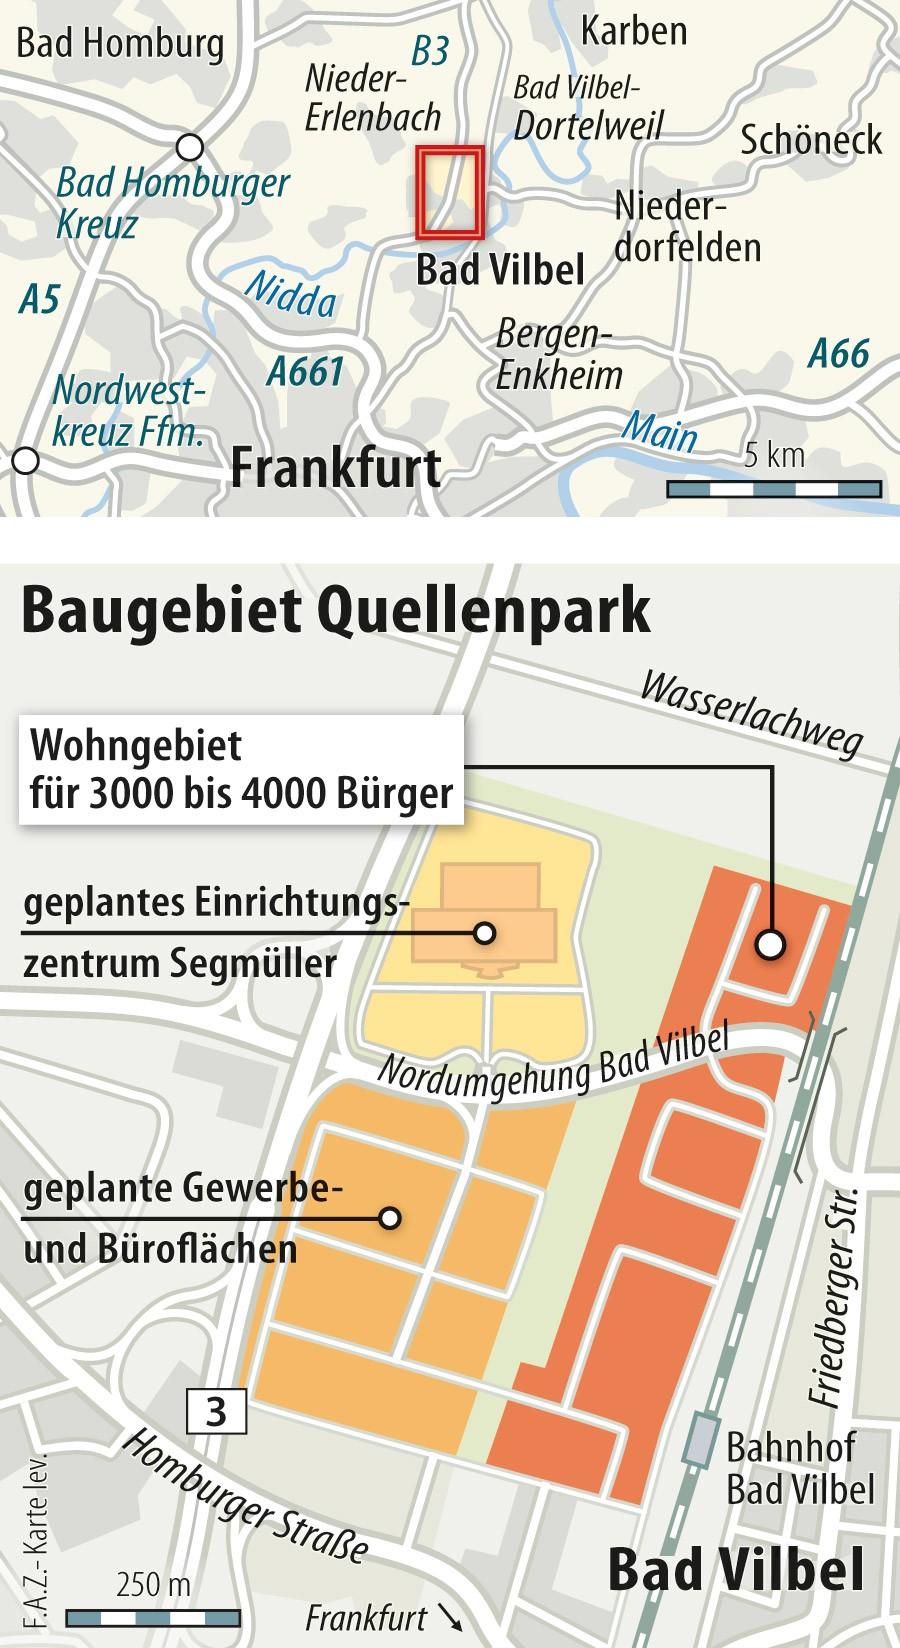 """Quellenpark Bad Vilbel: bsage der hinesen """"hance für die egion ..."""